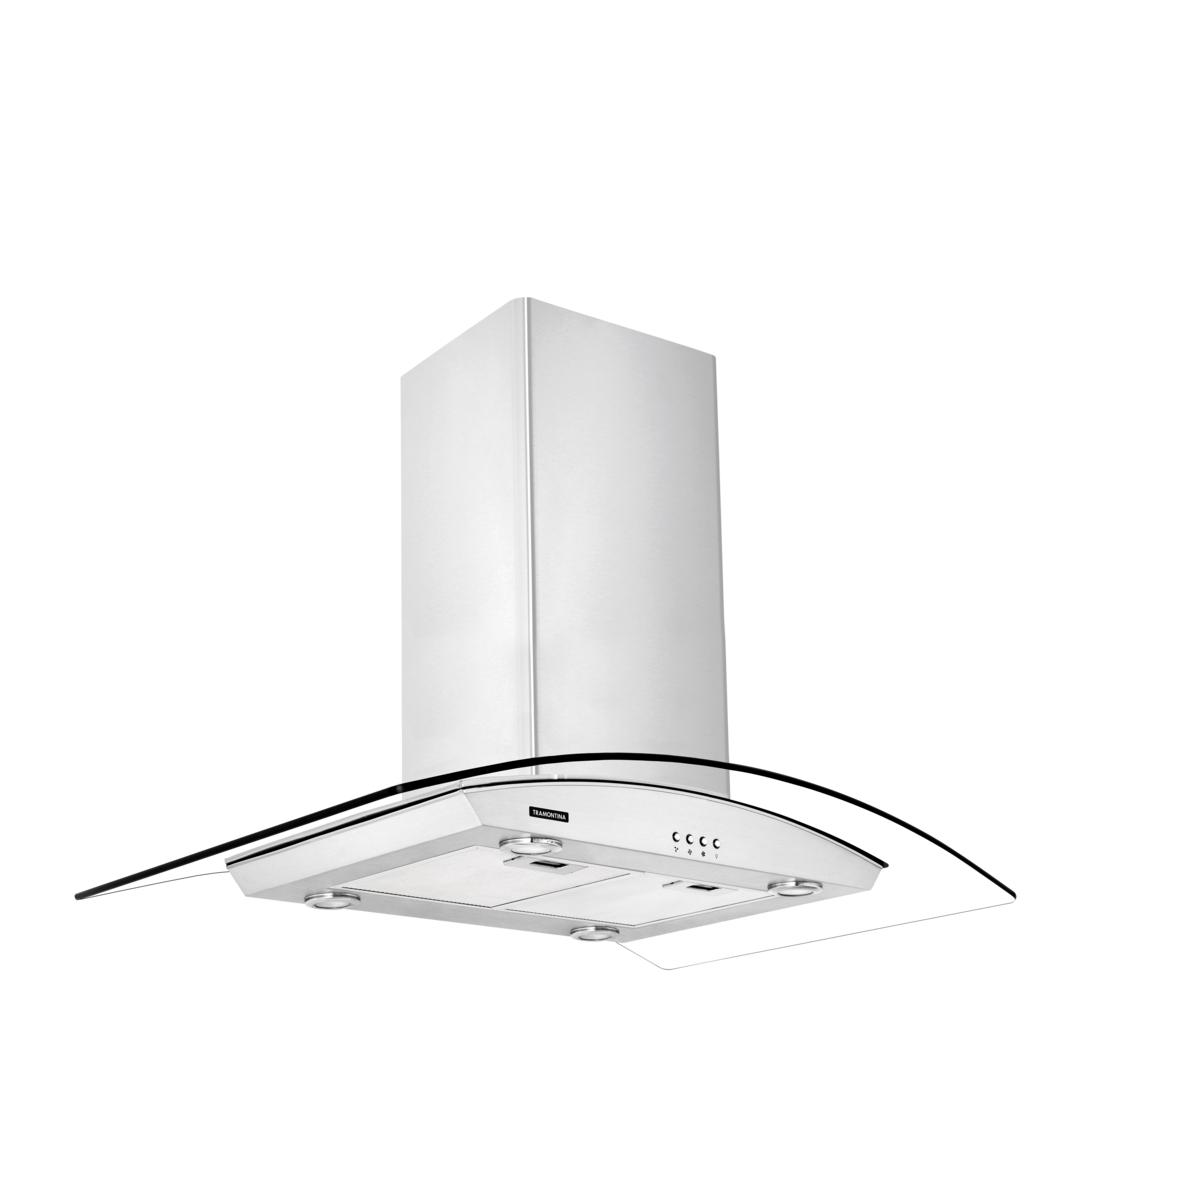 Tramontina - Campana de isla 90 cm en acero inoxidable + vidrio 127 V